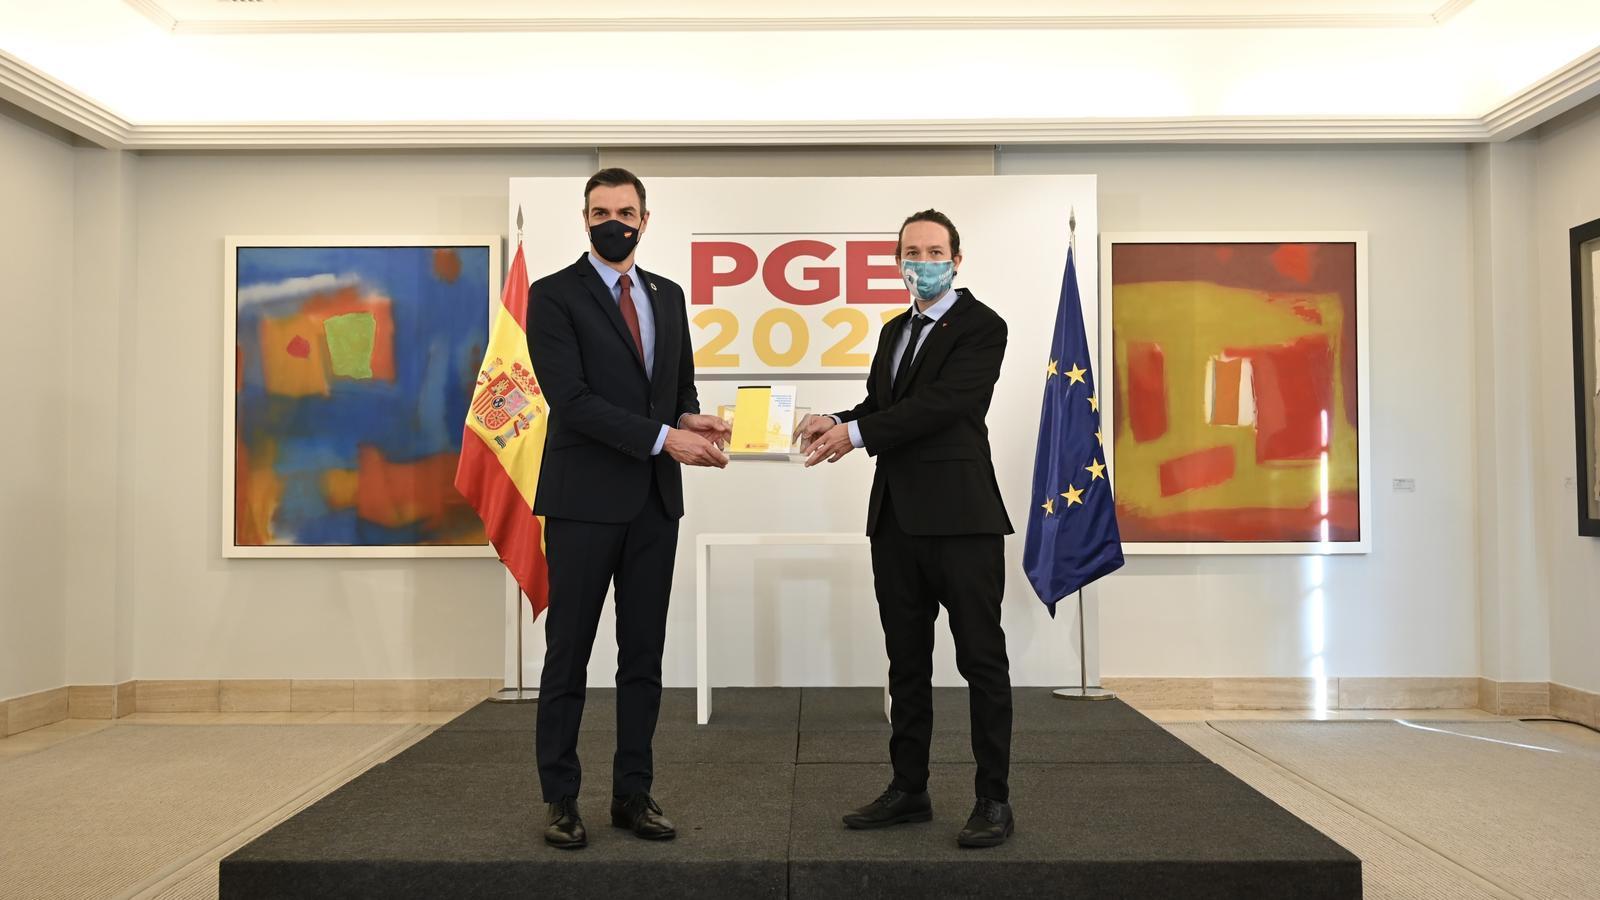 Els govern espanyol presenta un projecte de pressupostos expansius amb una inversió de 239.765 M€